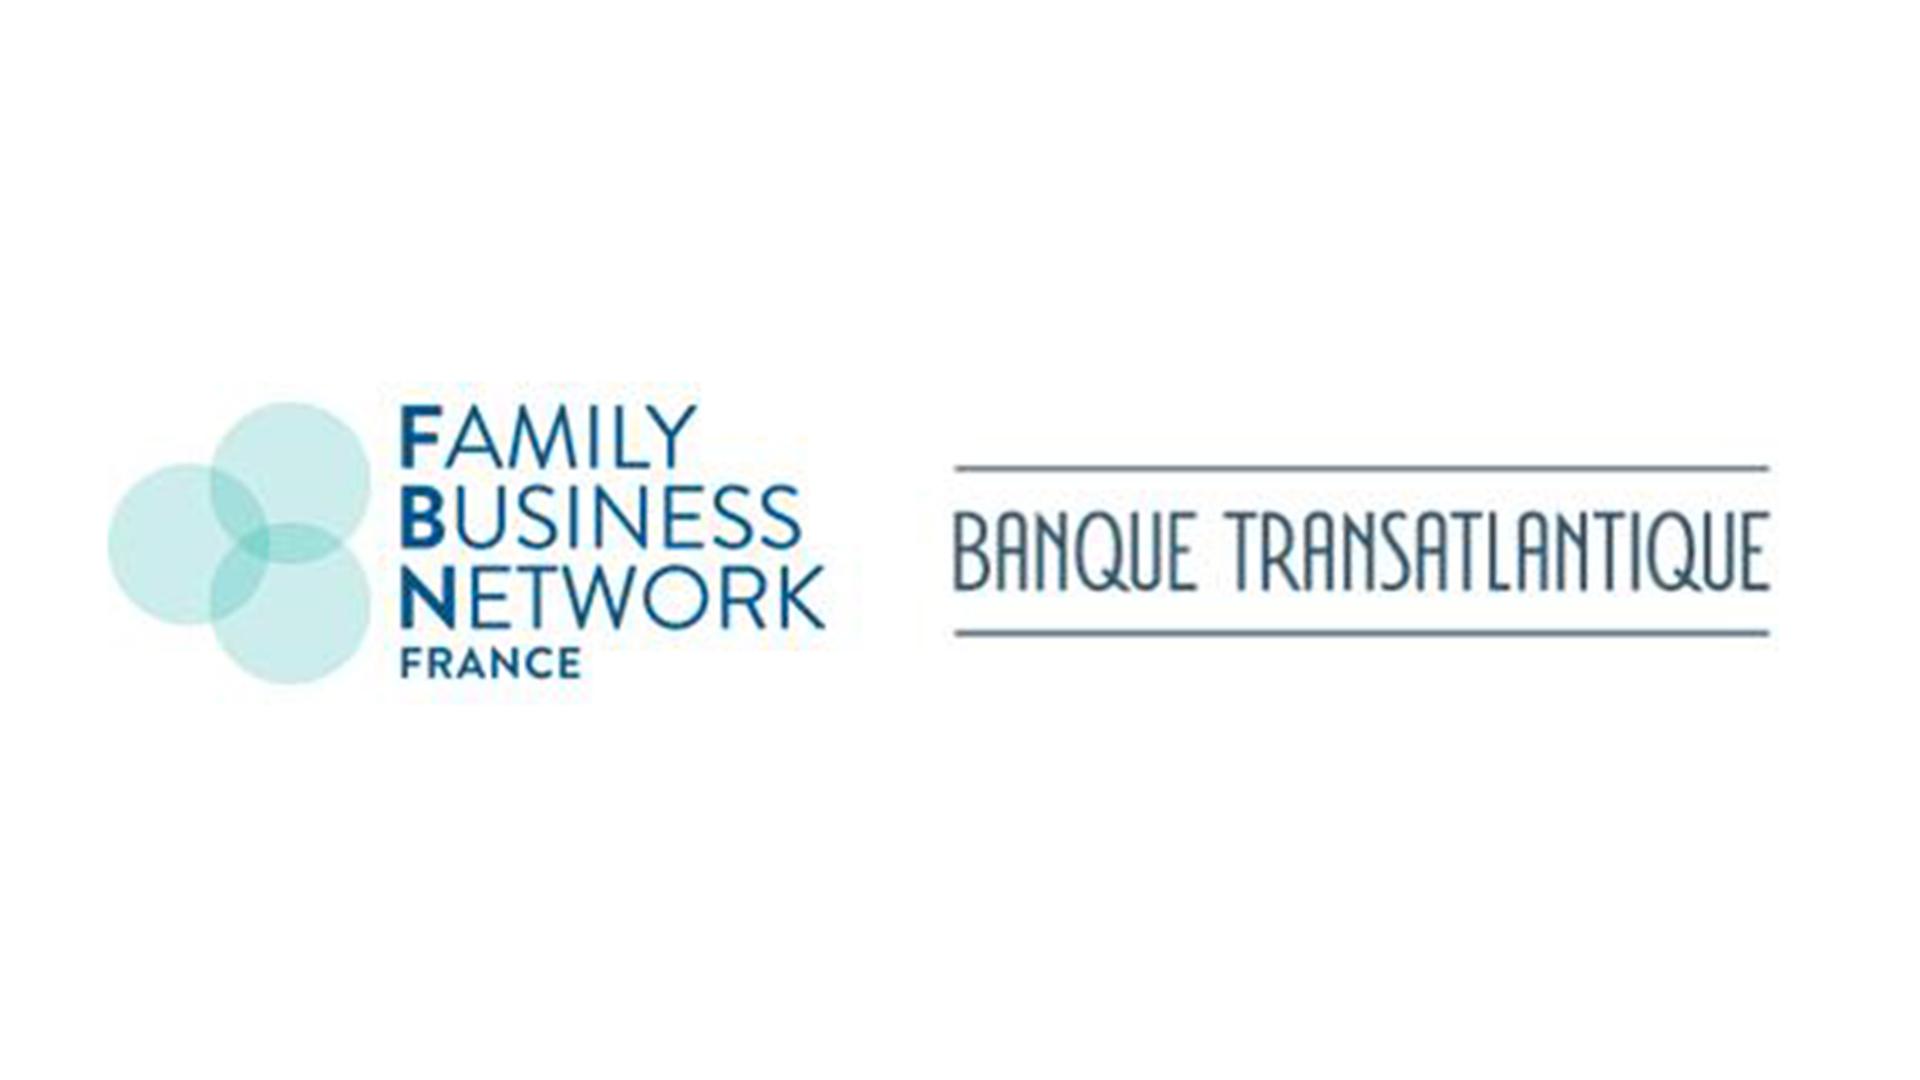 Ensemble pour la pérennité des entreprises familiales